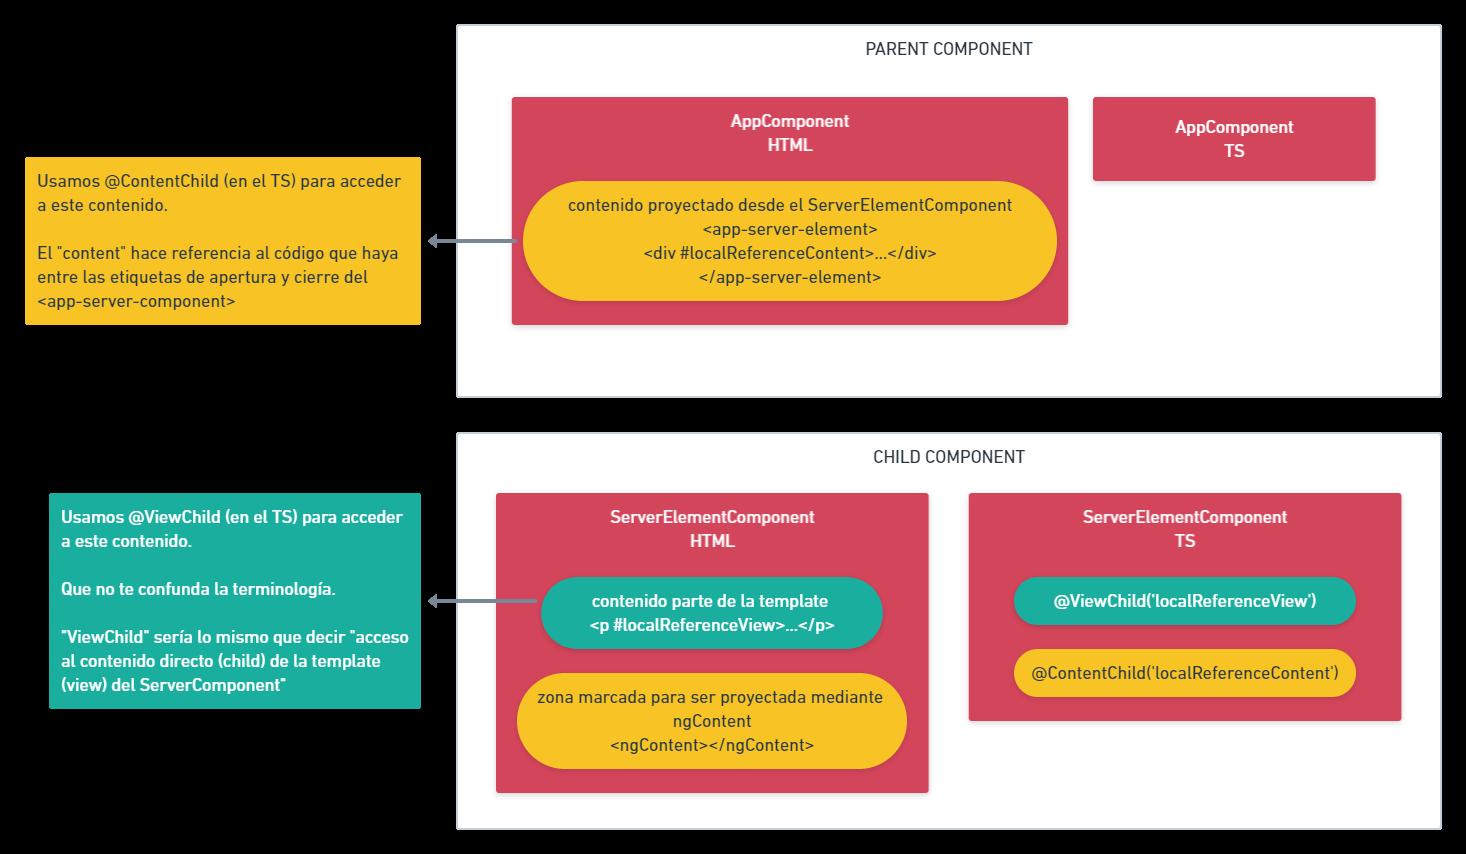 viewChild y contentChild esquema